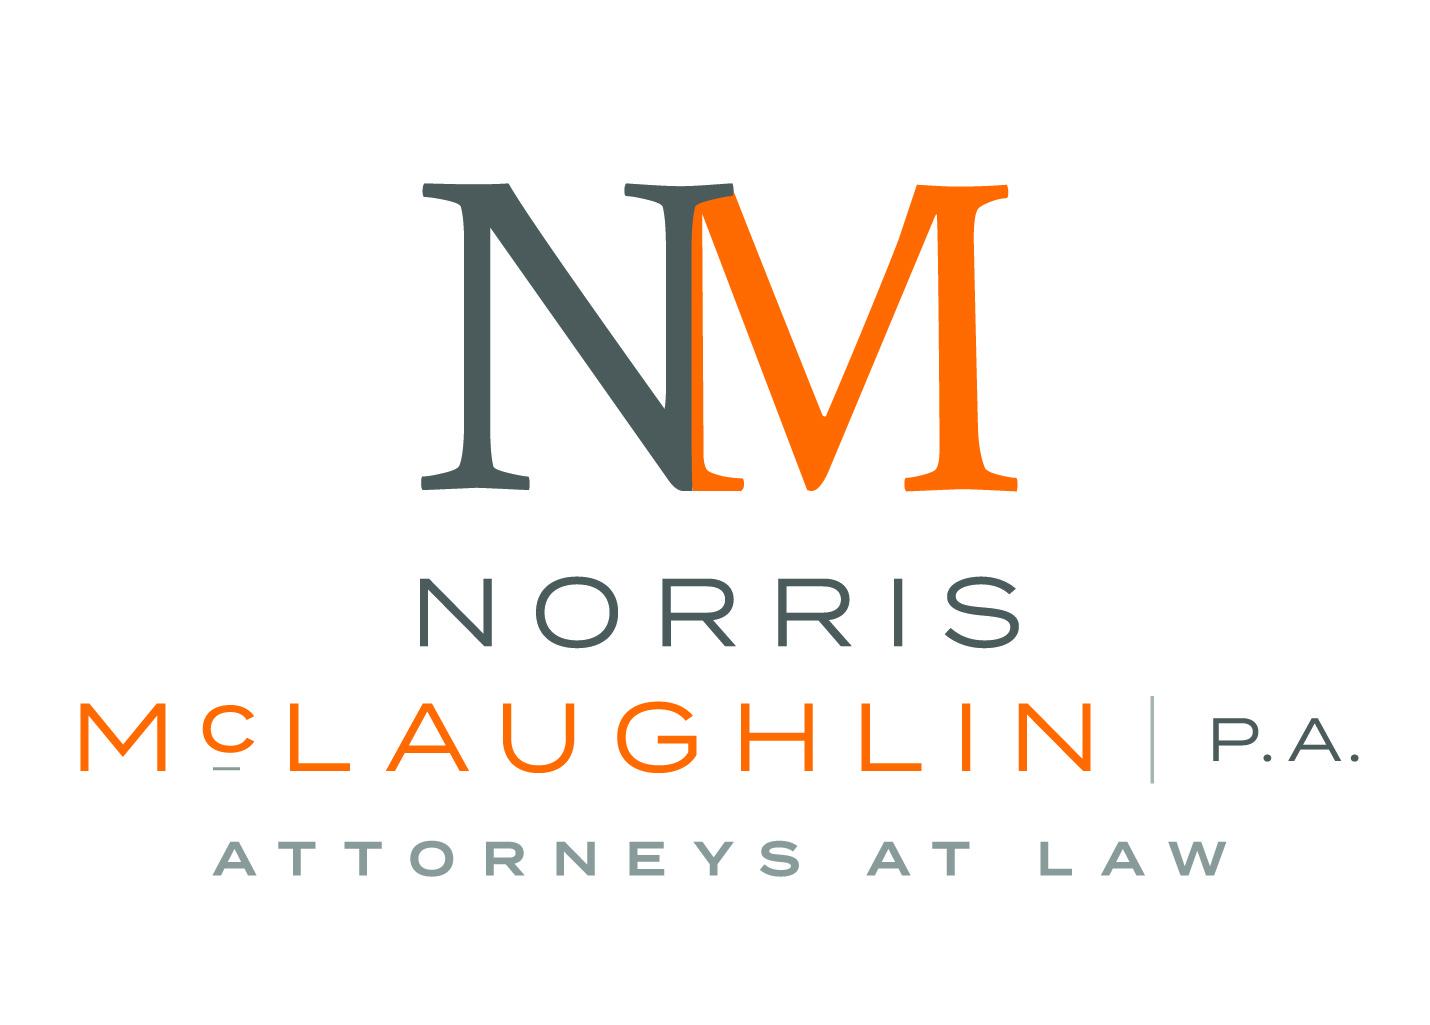 NorrisMcLaughlinPA_logos_full-stack-2c